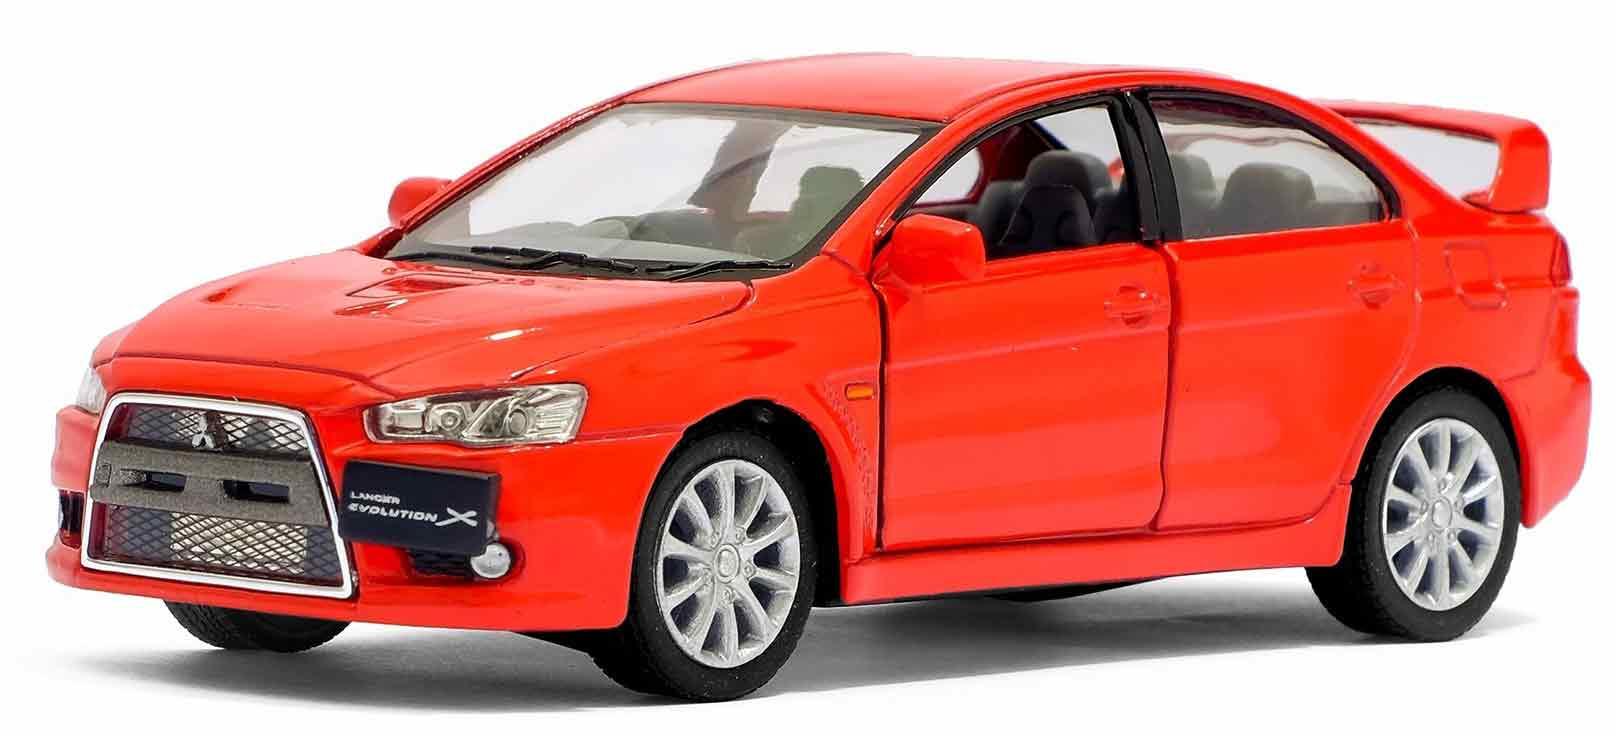 Металлическая машинка Kinsmart 1:36 «2008 Mitsubishi Lancer Evolution X» KT5329D инерционная / Микс